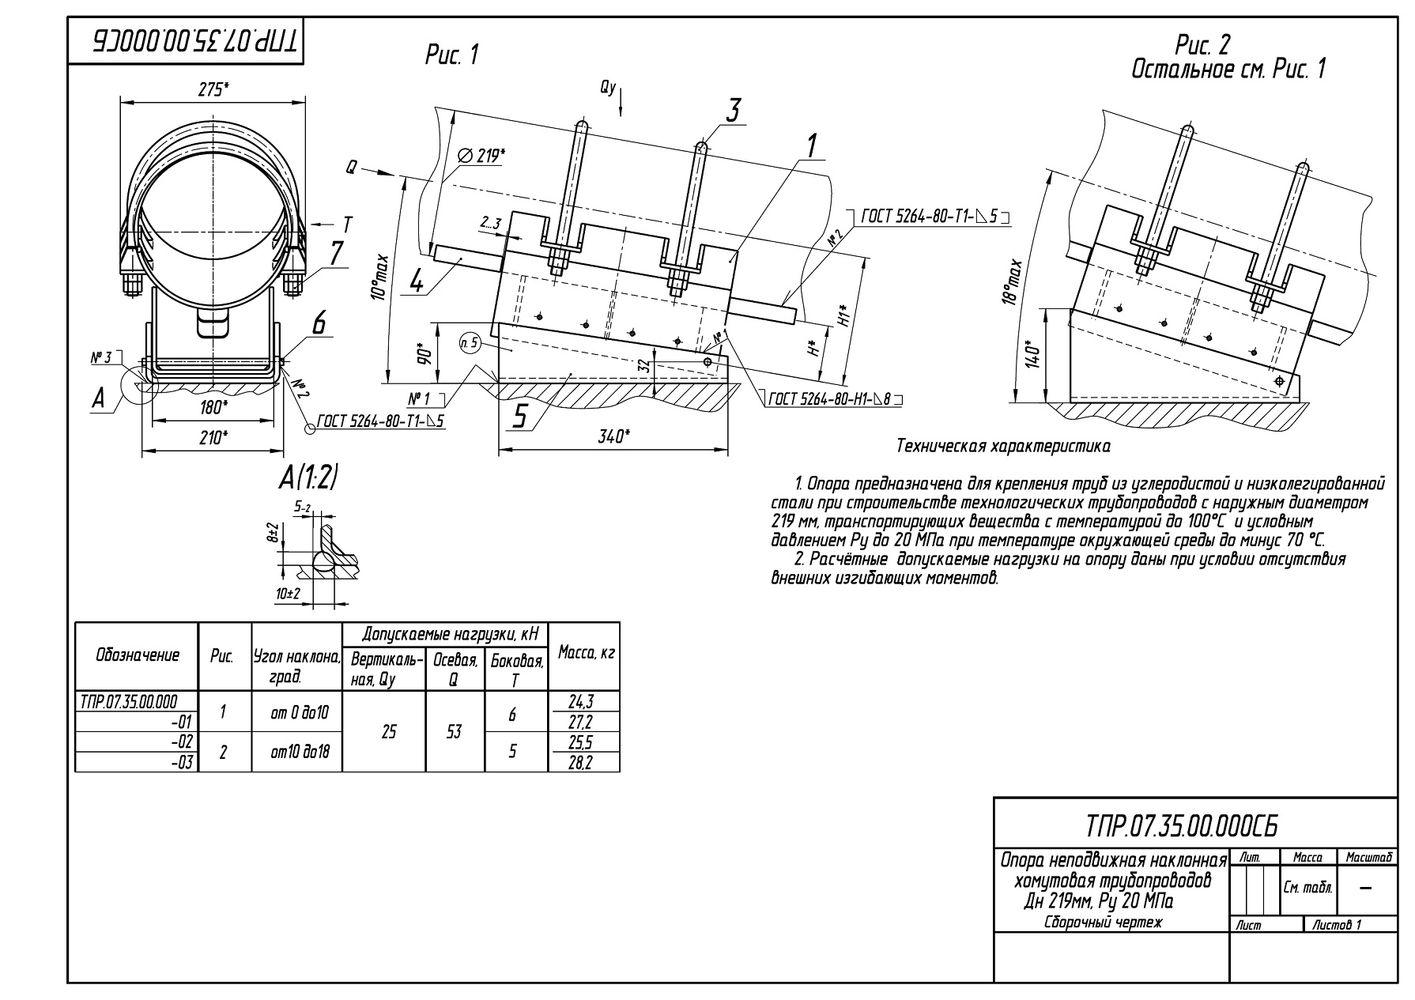 ТПР.07.35.00.000 Опоры неподвижные наклонные хомутовые трубопроводов Дн 219 мм